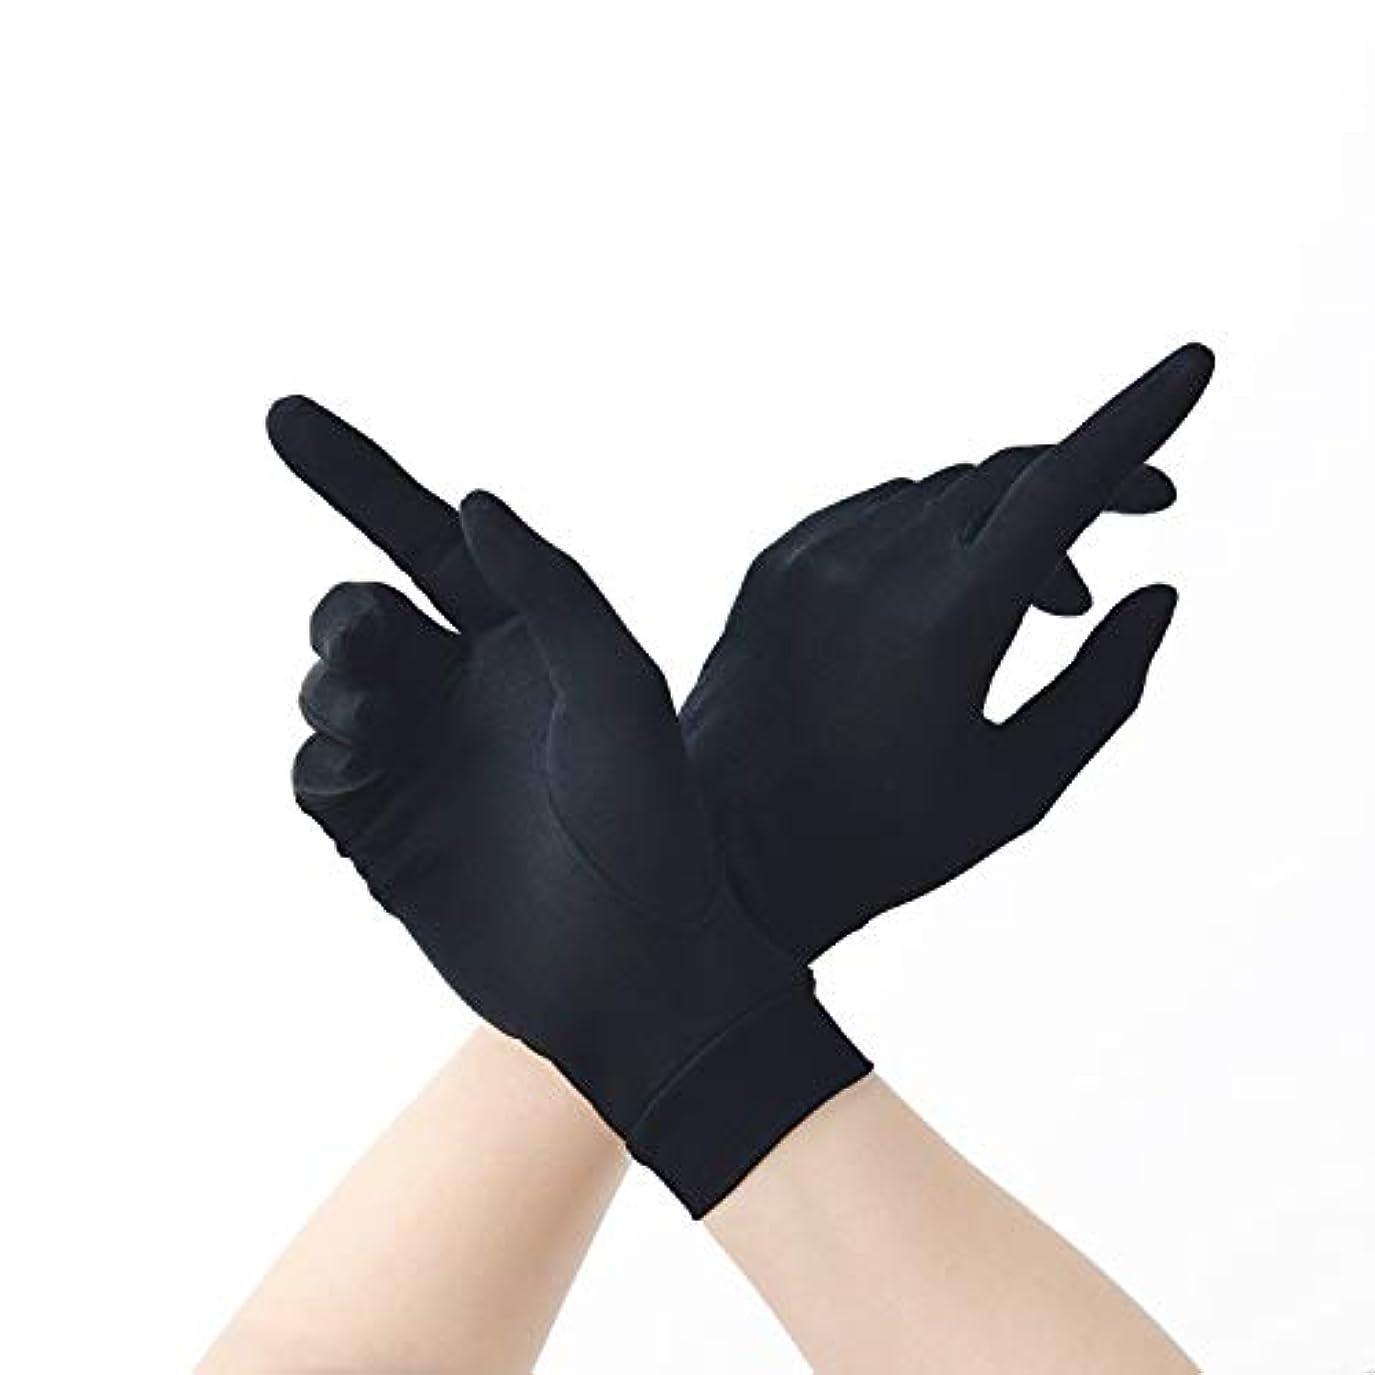 道徳教育挑発するゲインセイ保湿 夏 ハンド 手袋 シルク 紫外線 日焼け防止 手荒い おやすみ 手触りが良い ケア レディース